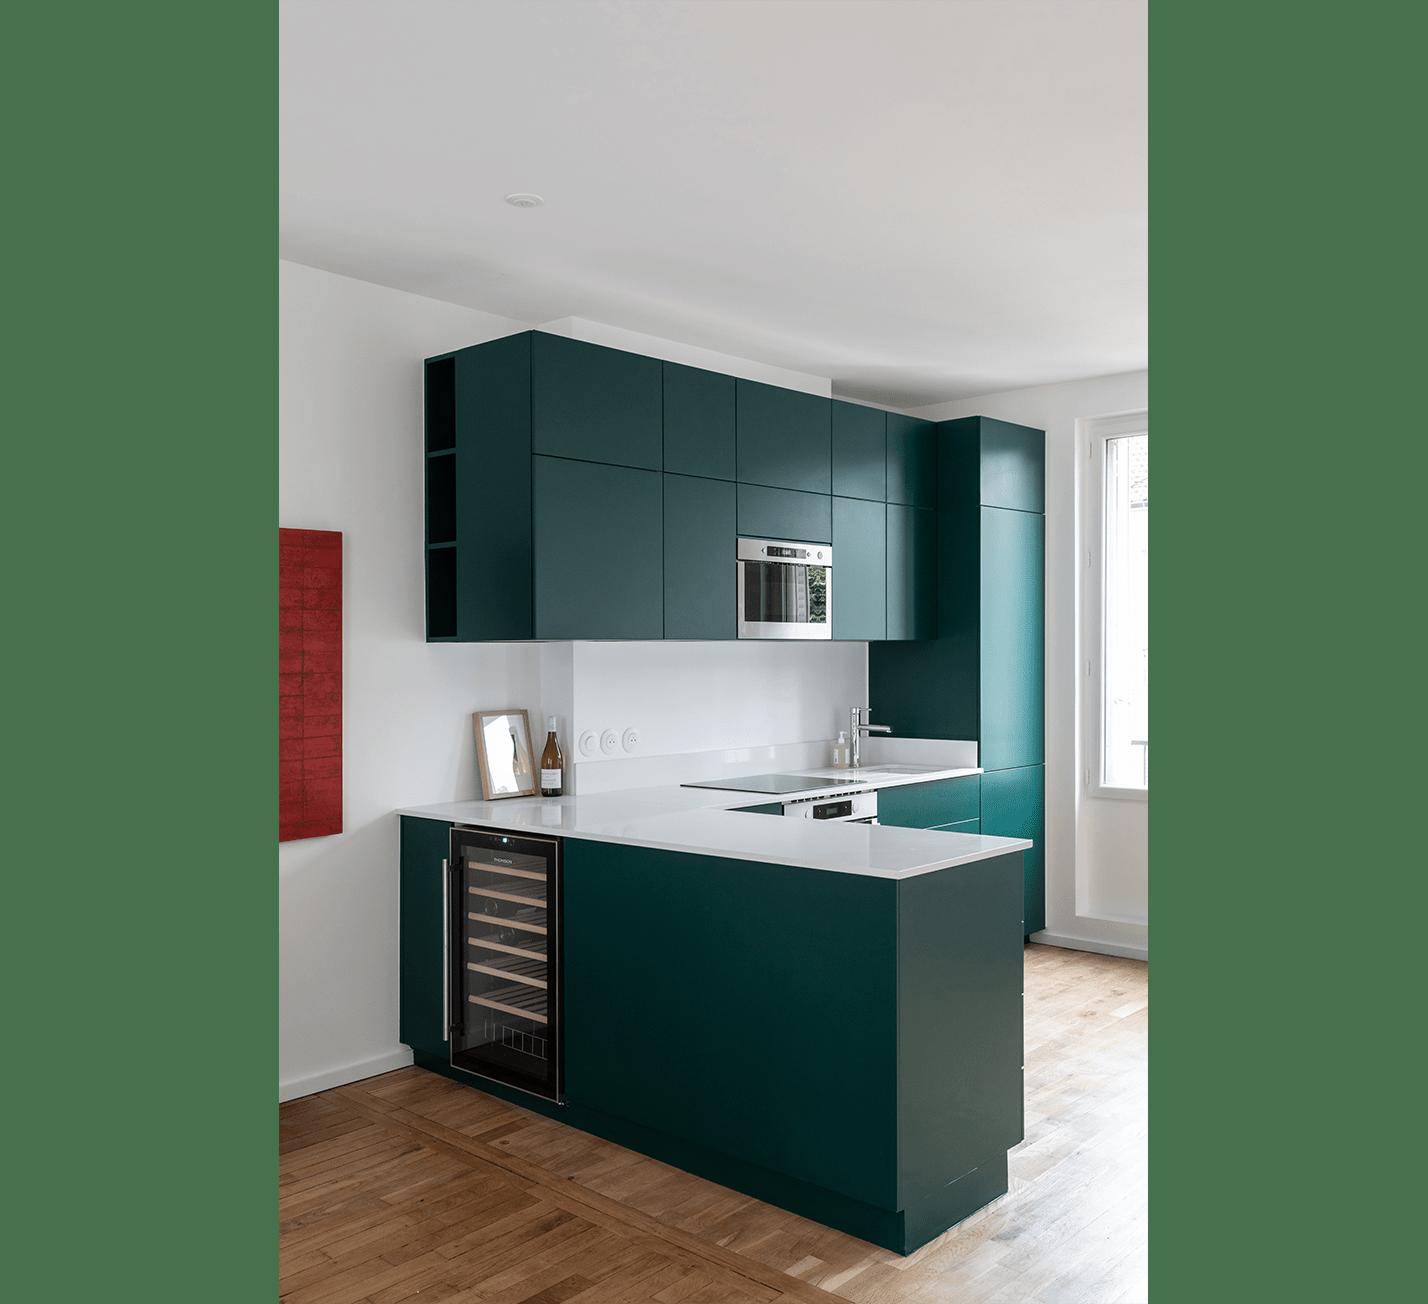 Projet-Georges-Atelier-Steve-Pauline-Borgia-Architecte-interieur-03-min